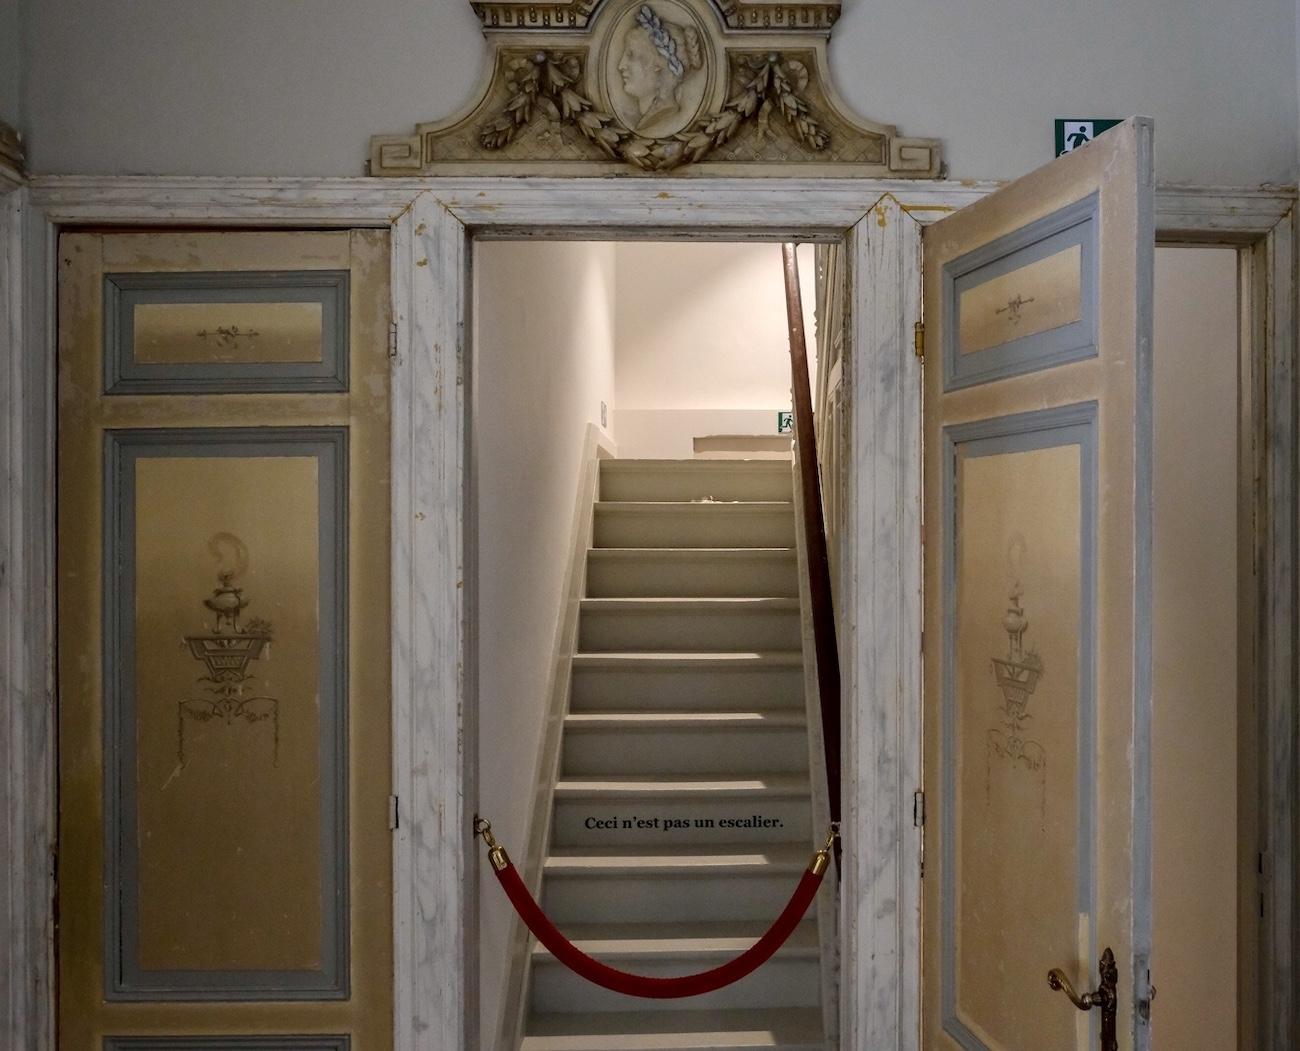 The Mansion Hotel Gent Verdieping deuren met gedecoreerde deurstukken met basreliëfs van vrouwenhoofdjes erfgoed restoratie